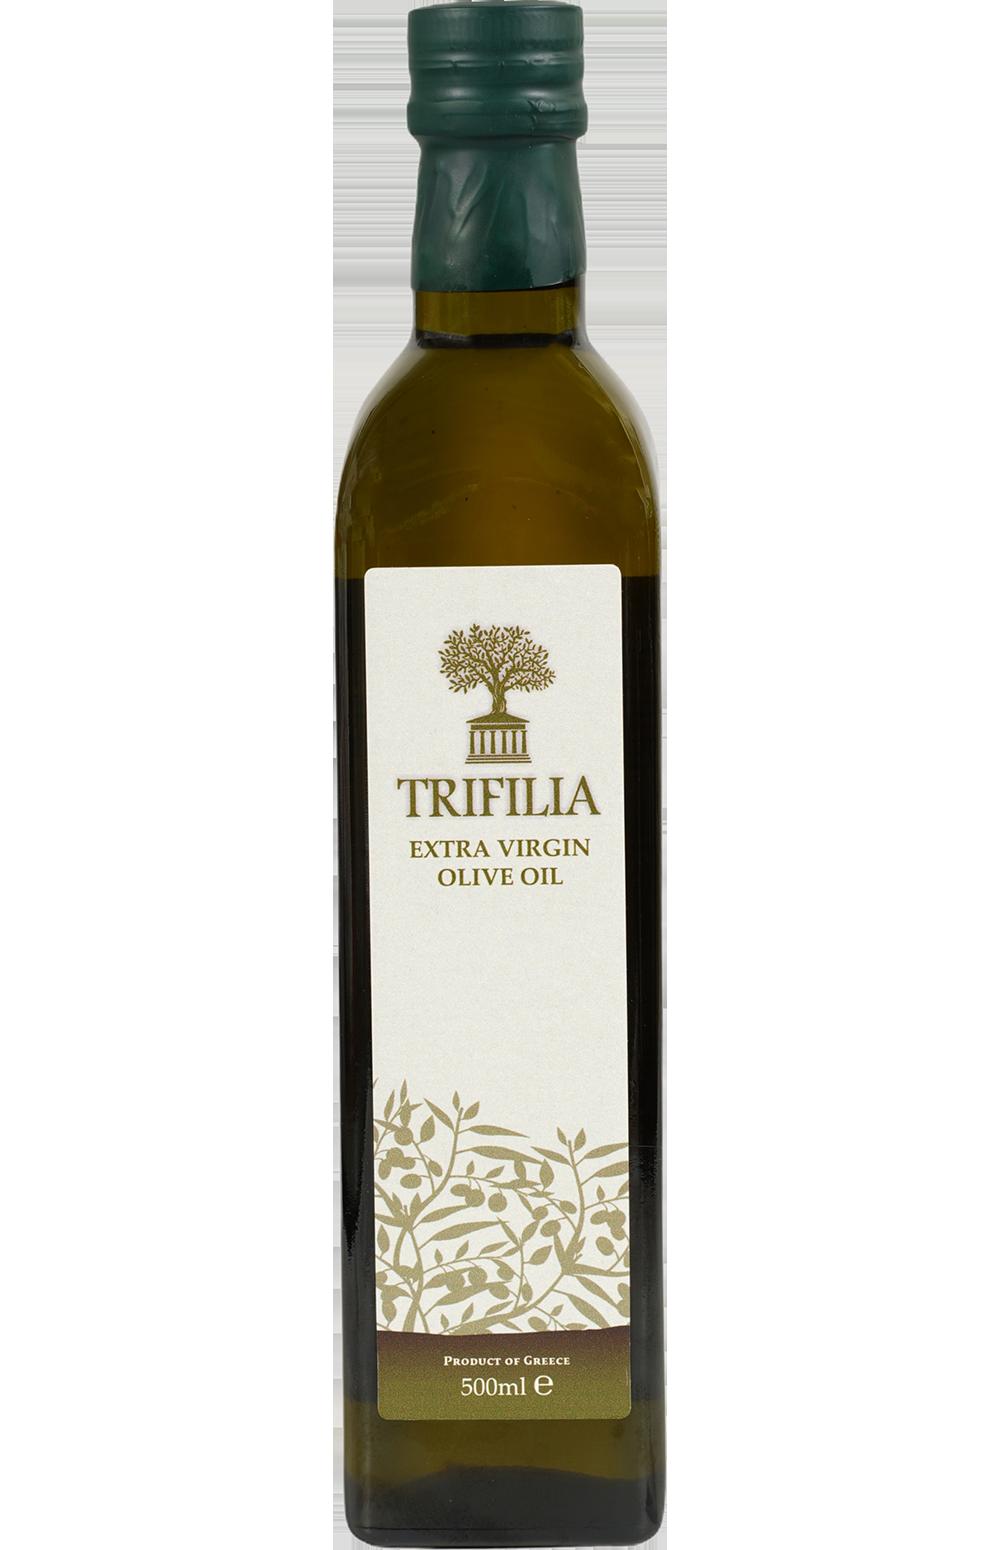 Trifilia Premium